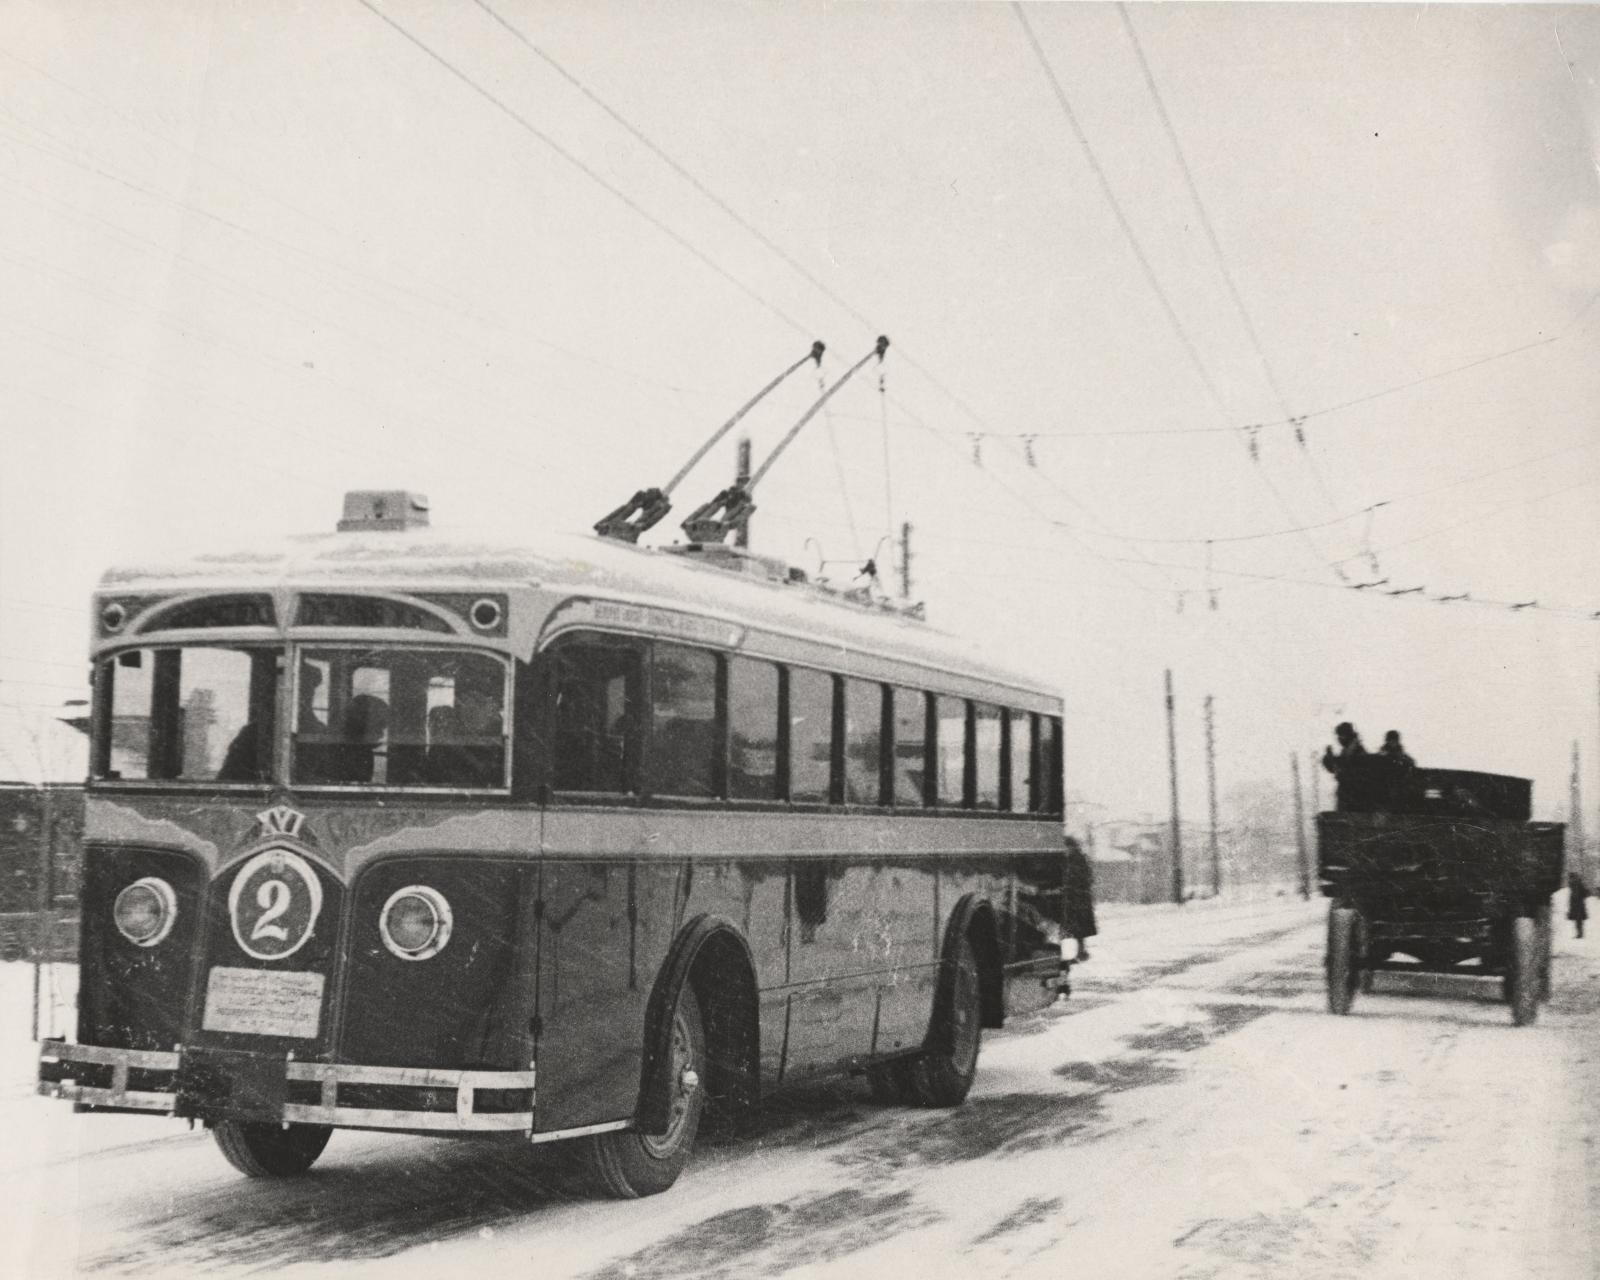 Ленинградское шоссе. На маршруте первый советский троллейбус ЛК-2. Конец 1933-го